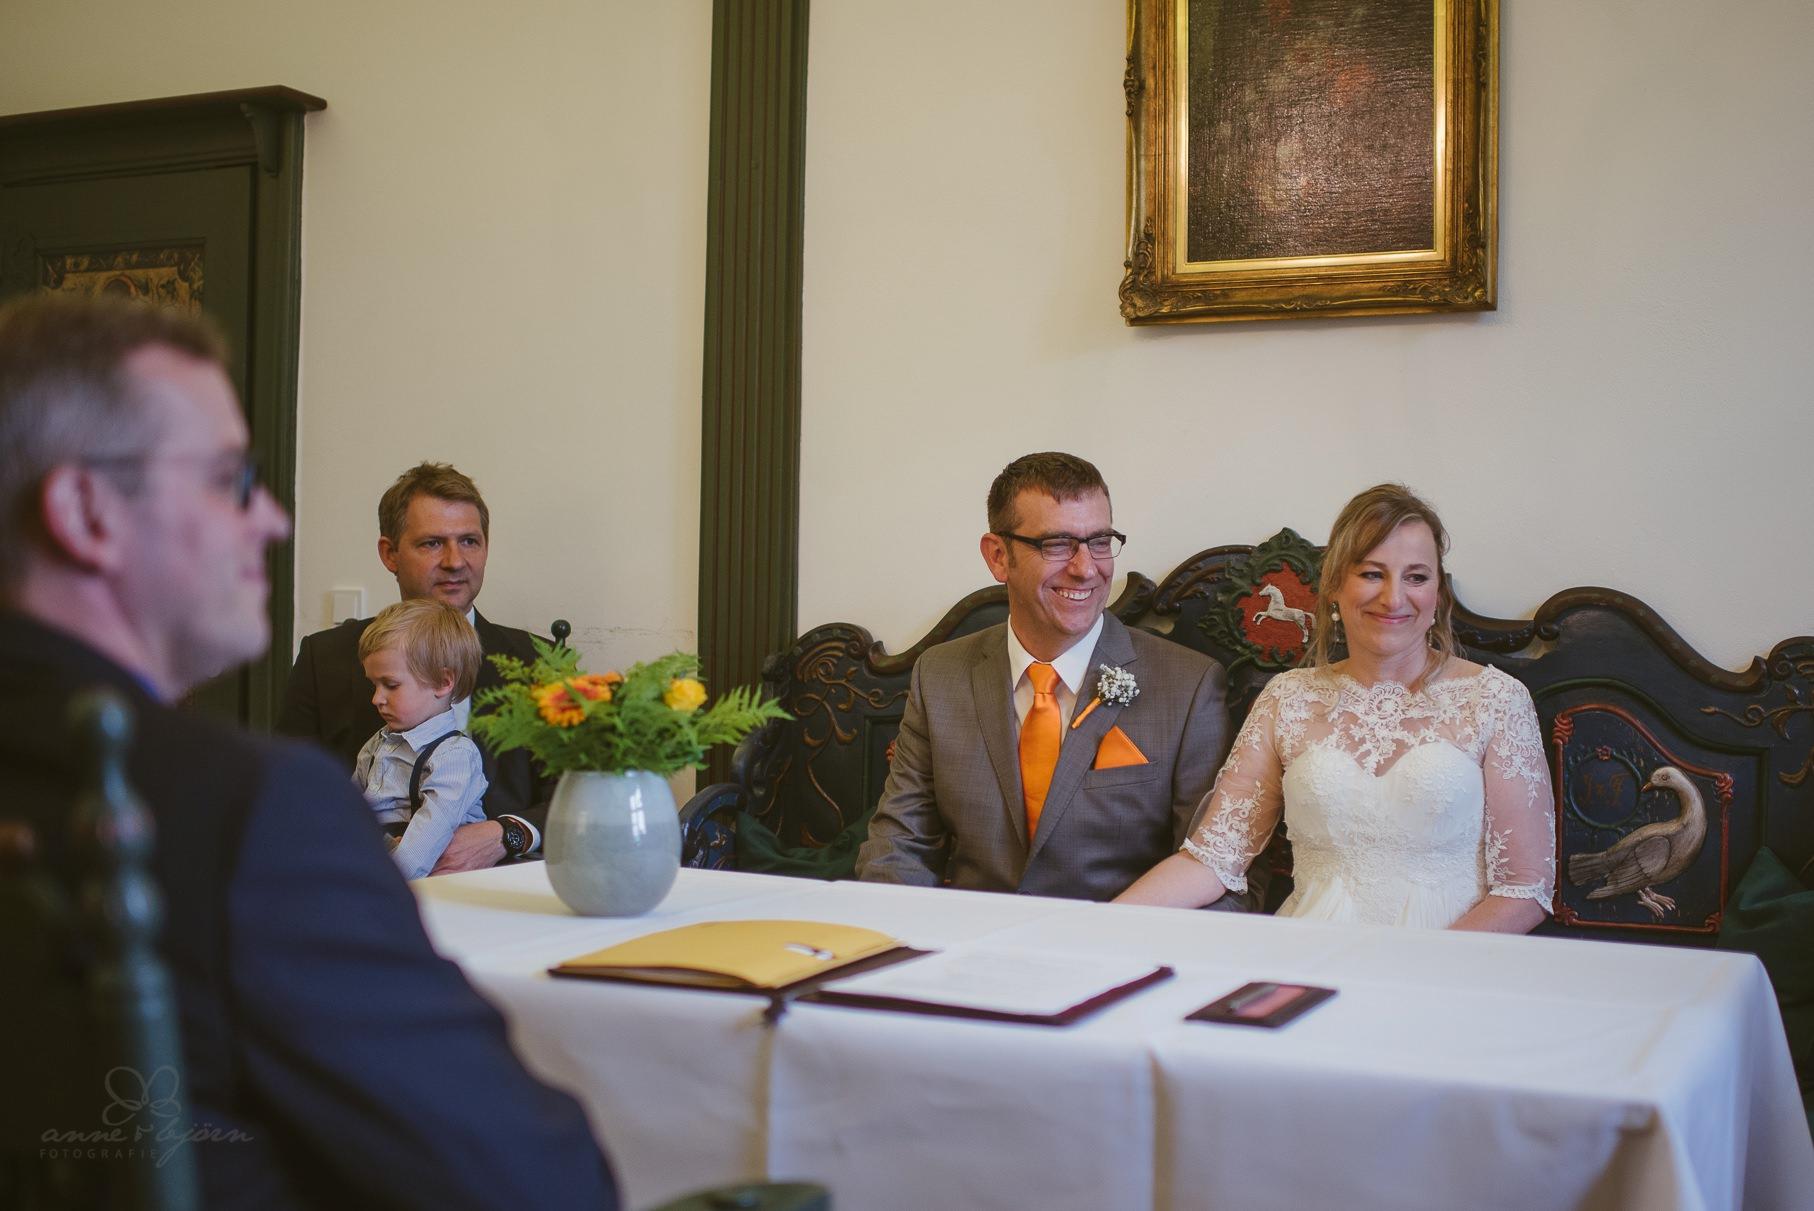 0057 anne und bjoern Manu und Sven D75 9629 1 - DIY Hochzeit im Erdhaus auf dem alten Land - Manuela & Sven